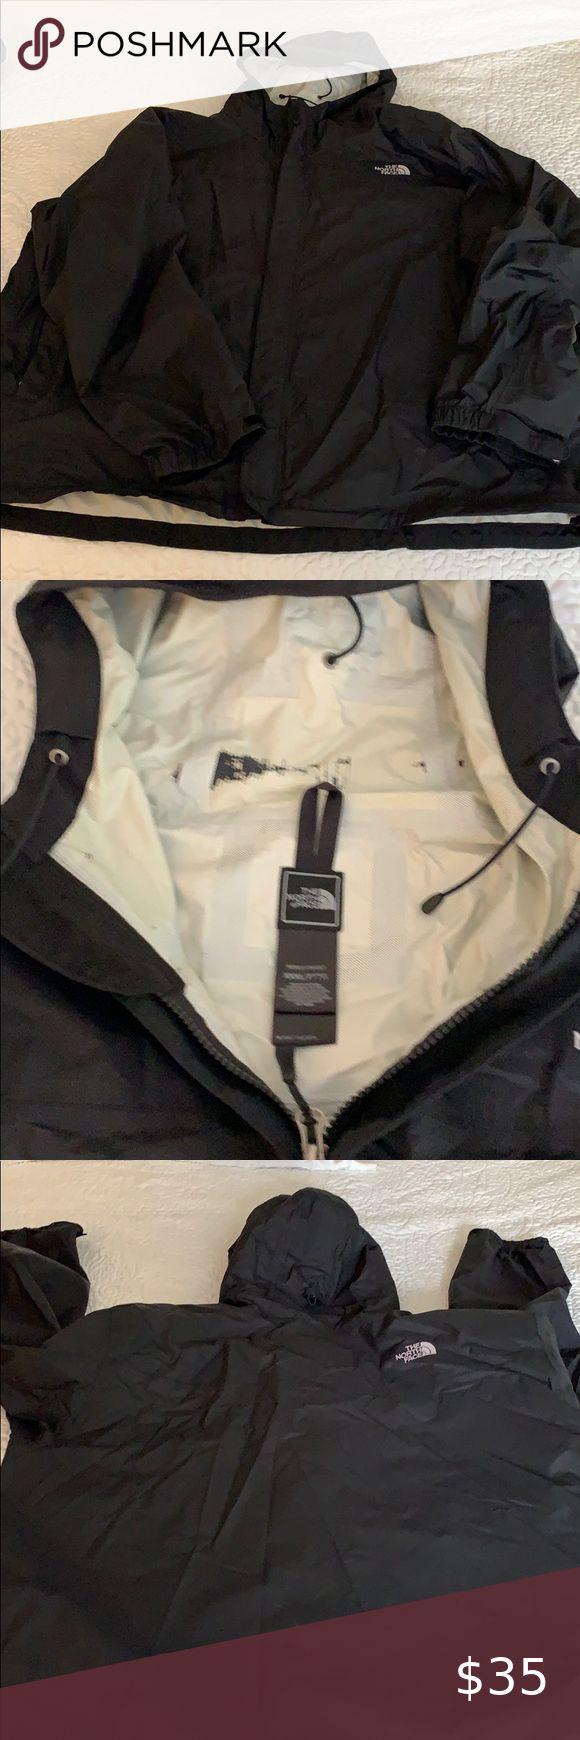 The Northface 3xl Rain Jacket Mens Rain Jacket Rain Jacket Jackets [ 1740 x 580 Pixel ]